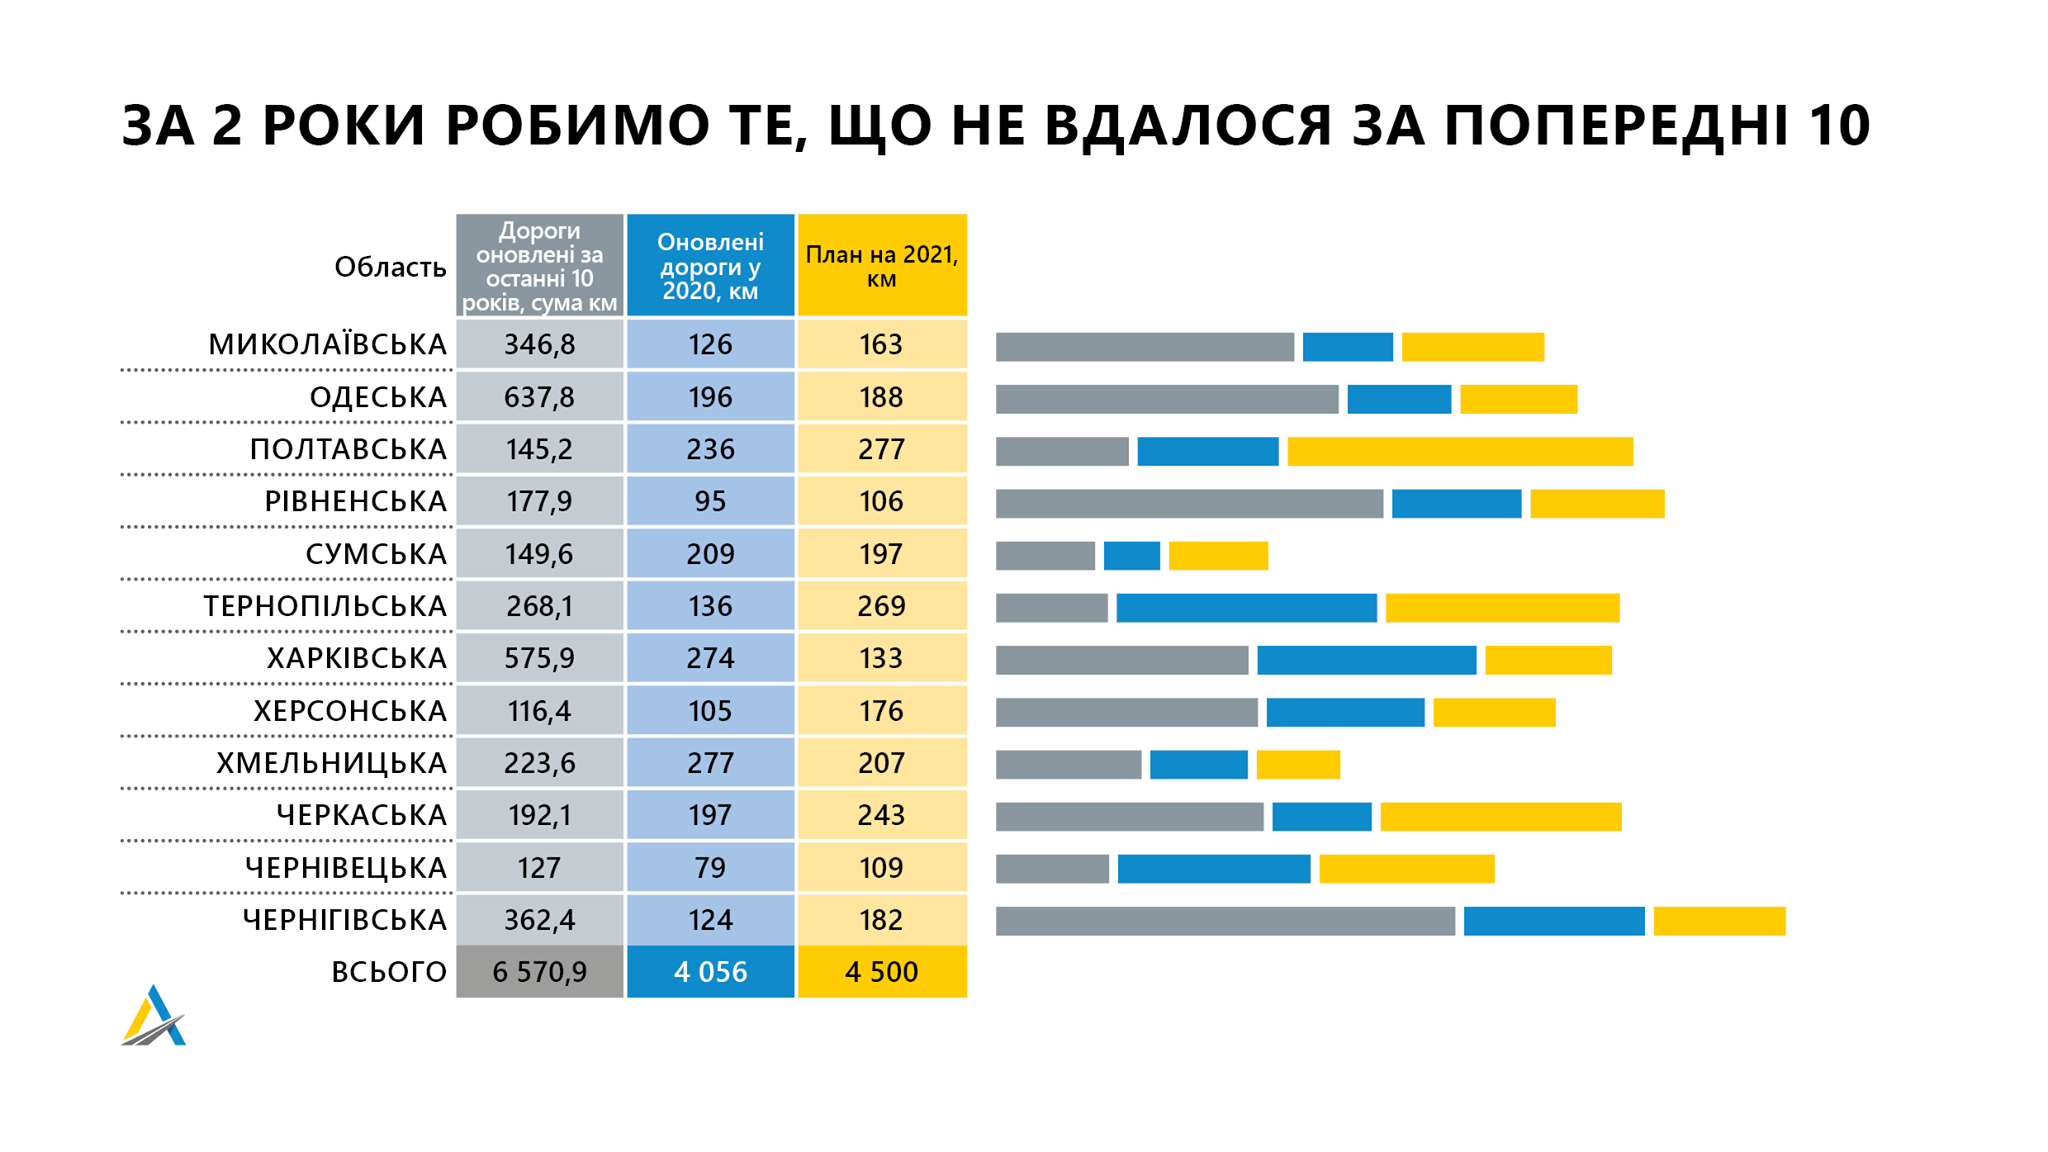 Укравтодор за два года собирается установить рекорд 4